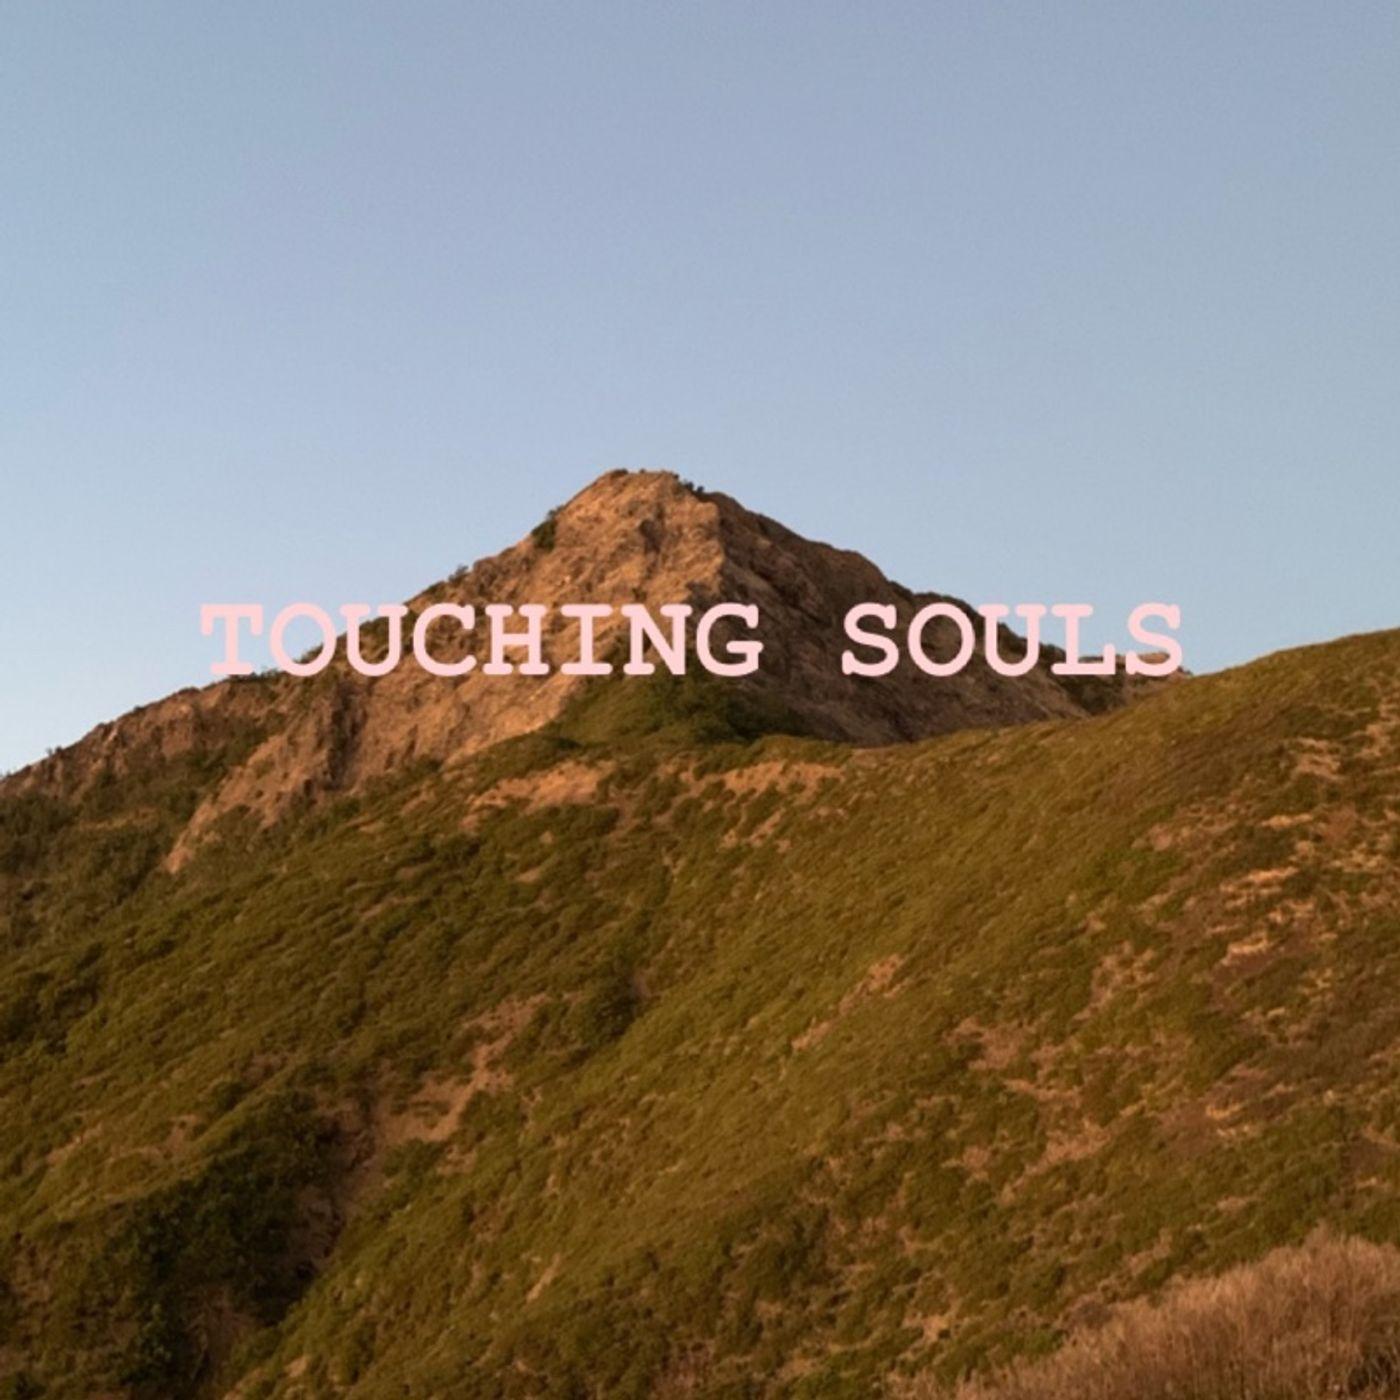 Touching Souls Episode 1